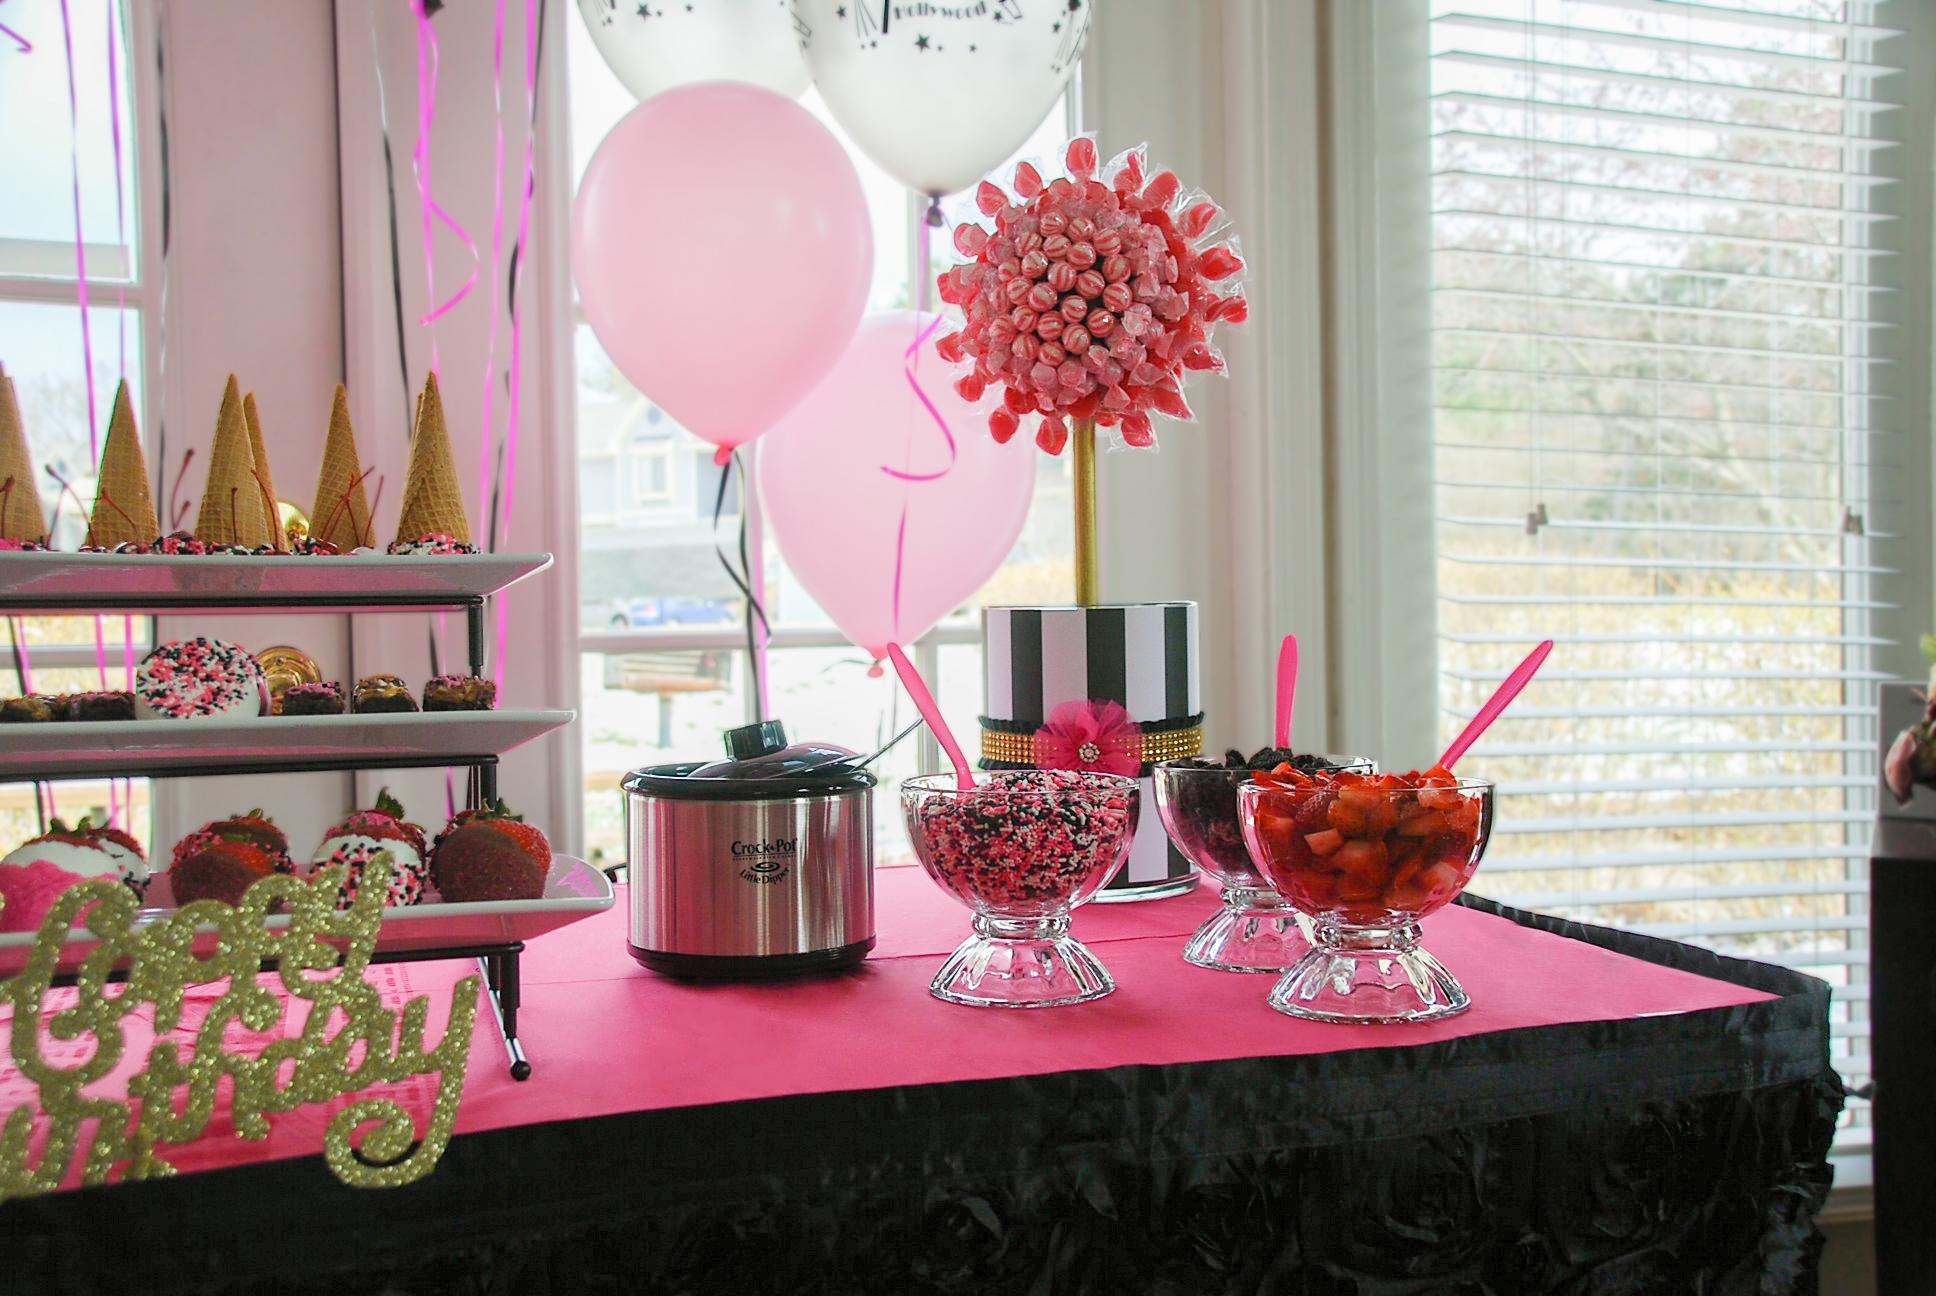 Glam Pink and Black Sundae Bar